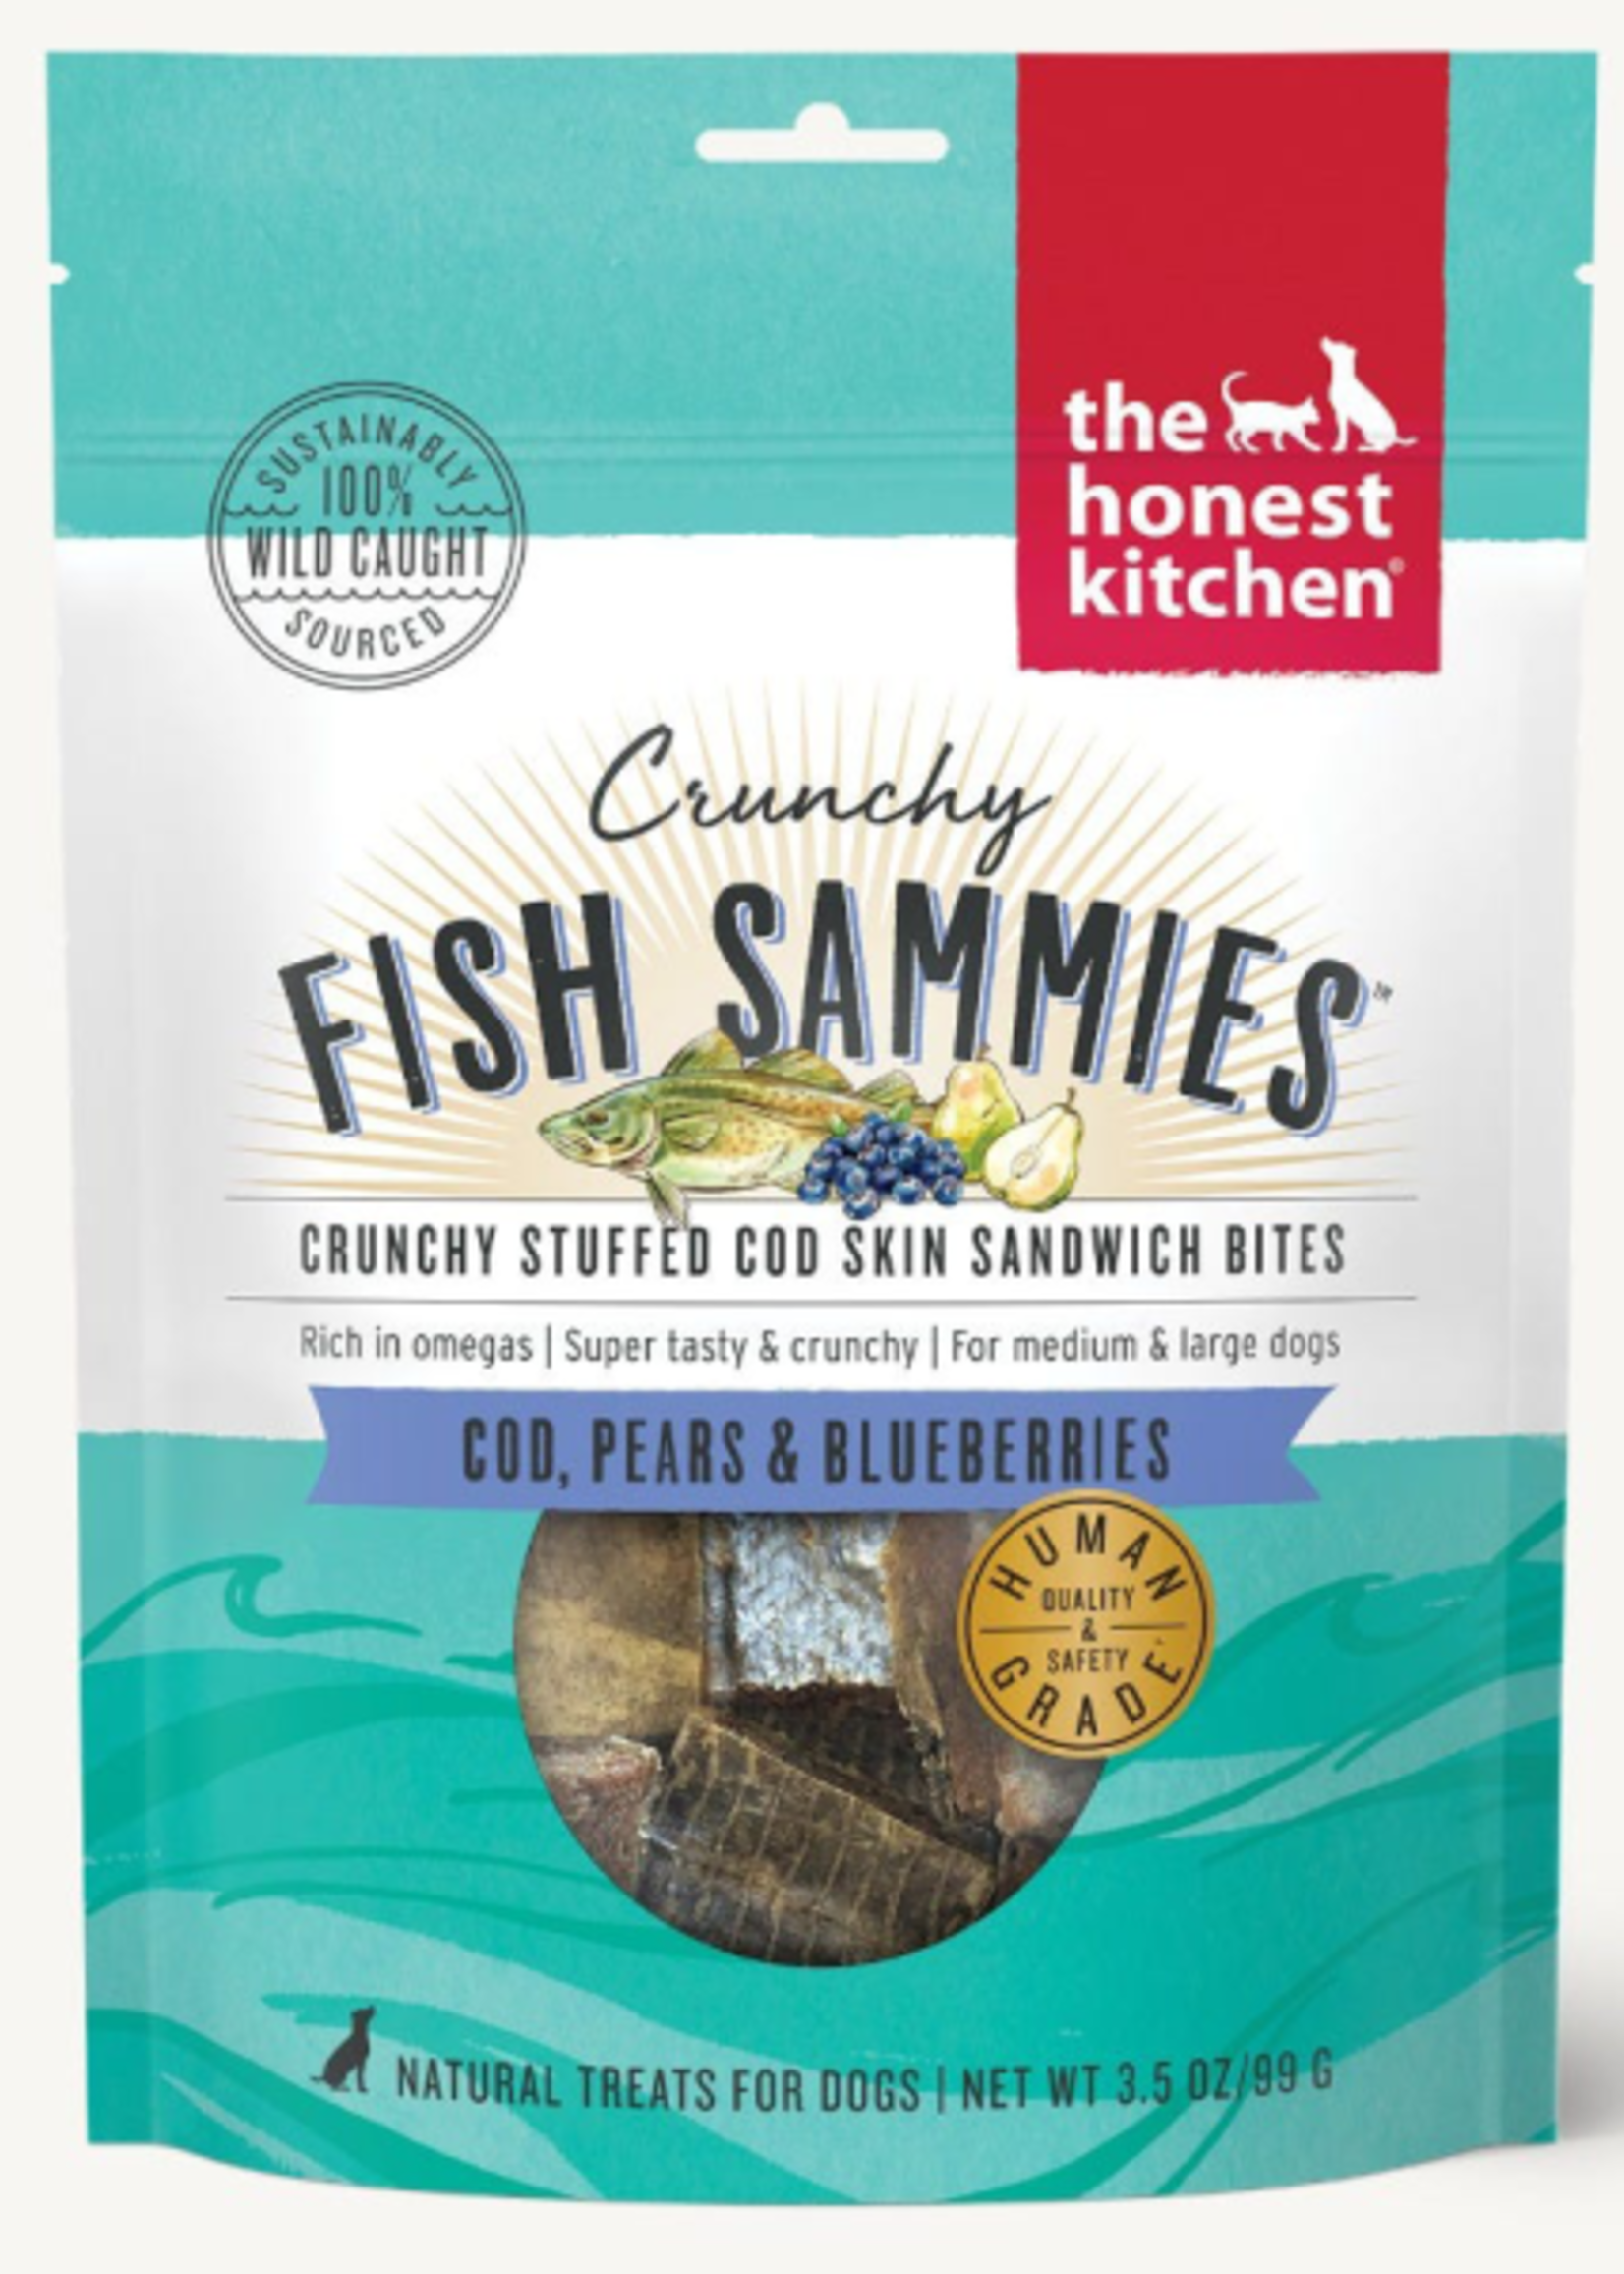 Honest Kitchen Crunchy Fish Sammies Cod w/Pears & Blueberries 3.5oz